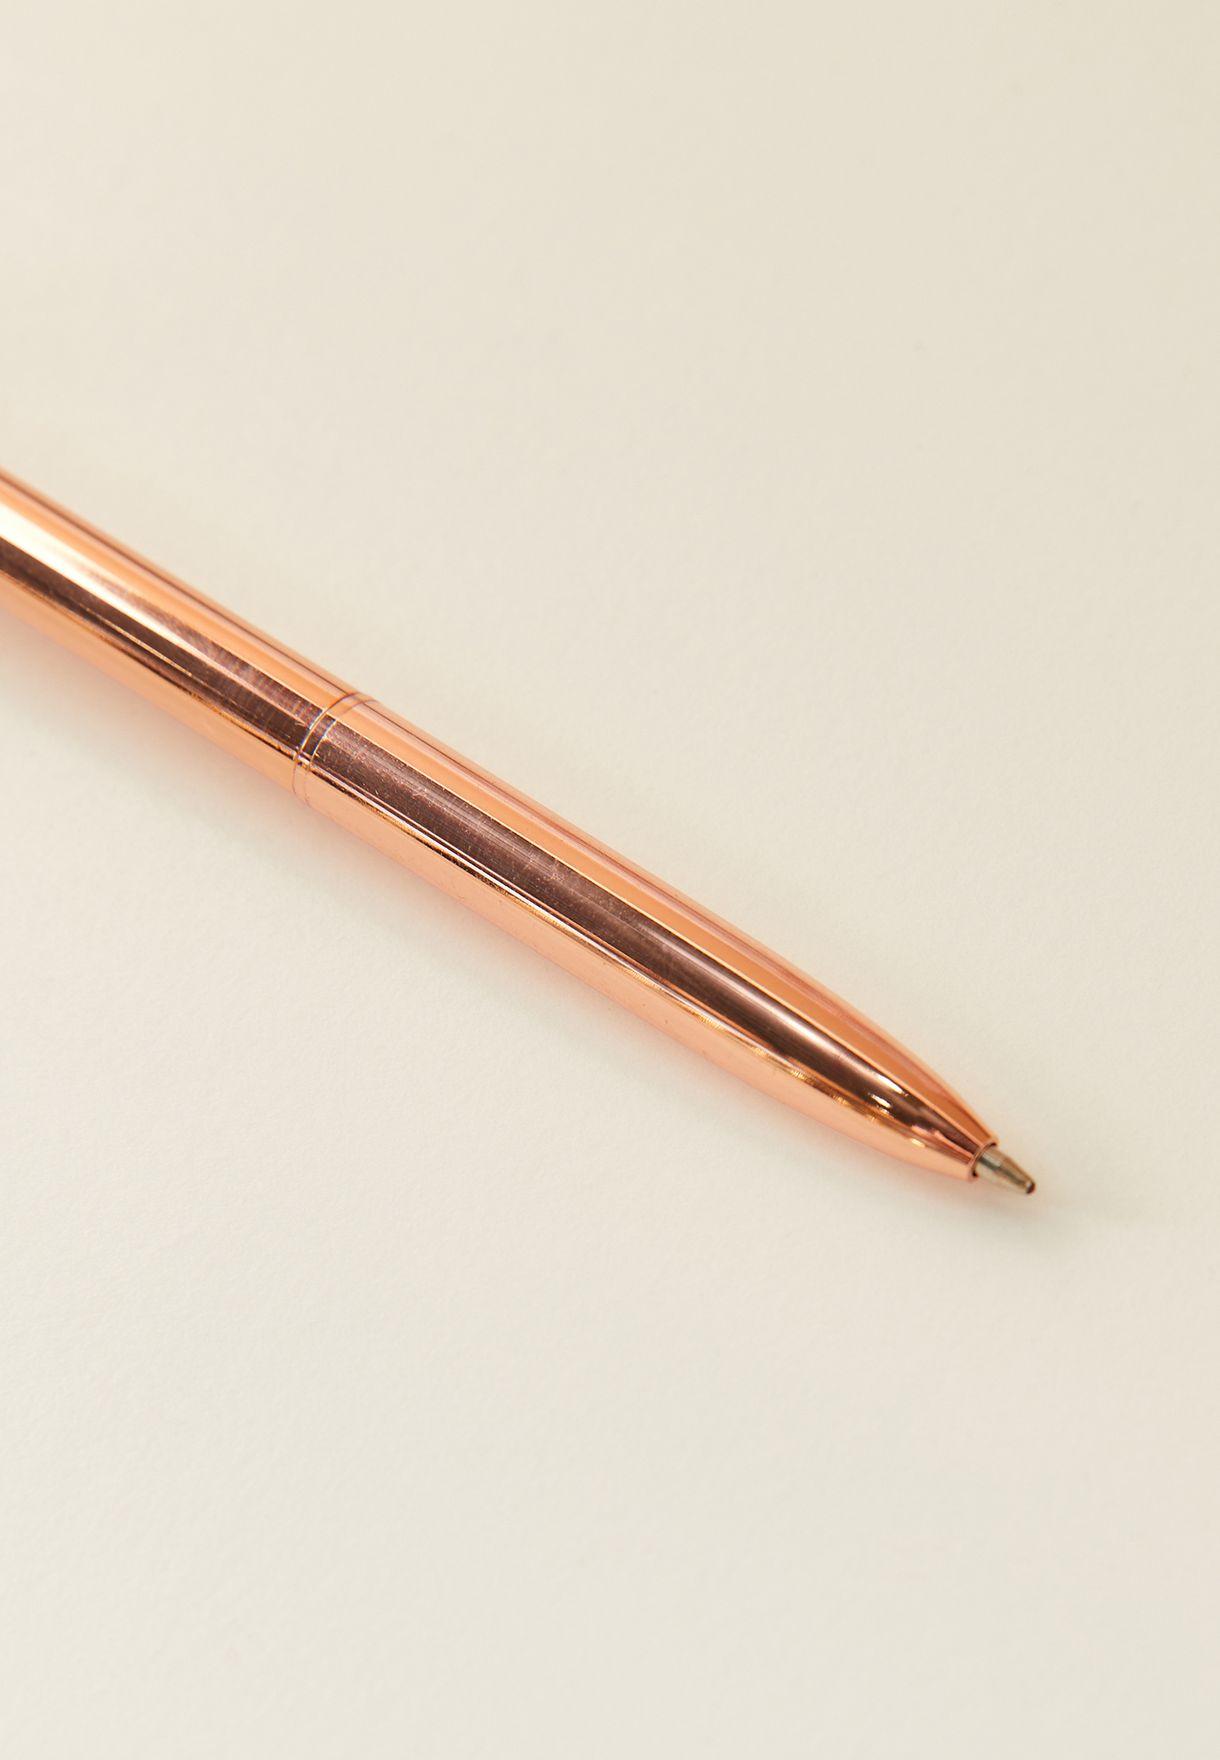 قلم حبر بالماس صناعي